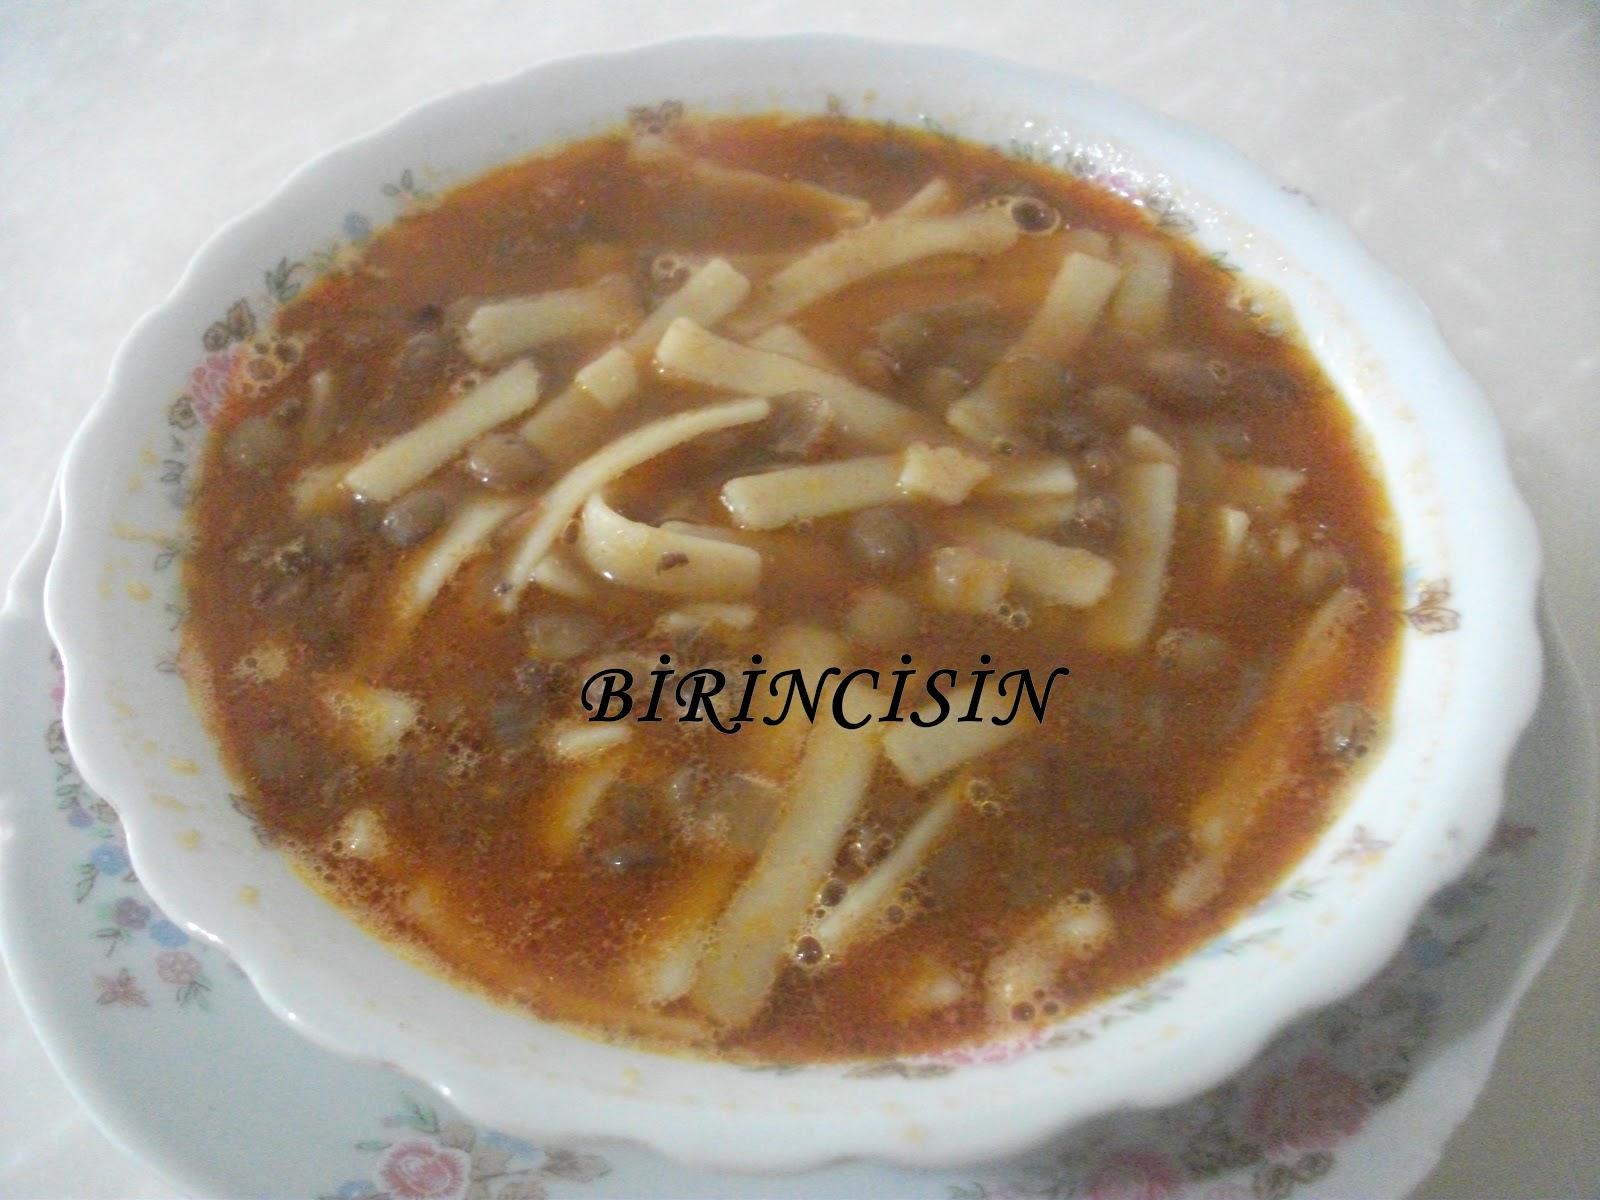 Alaca çorba tarifi ile Etiketlenen Konular